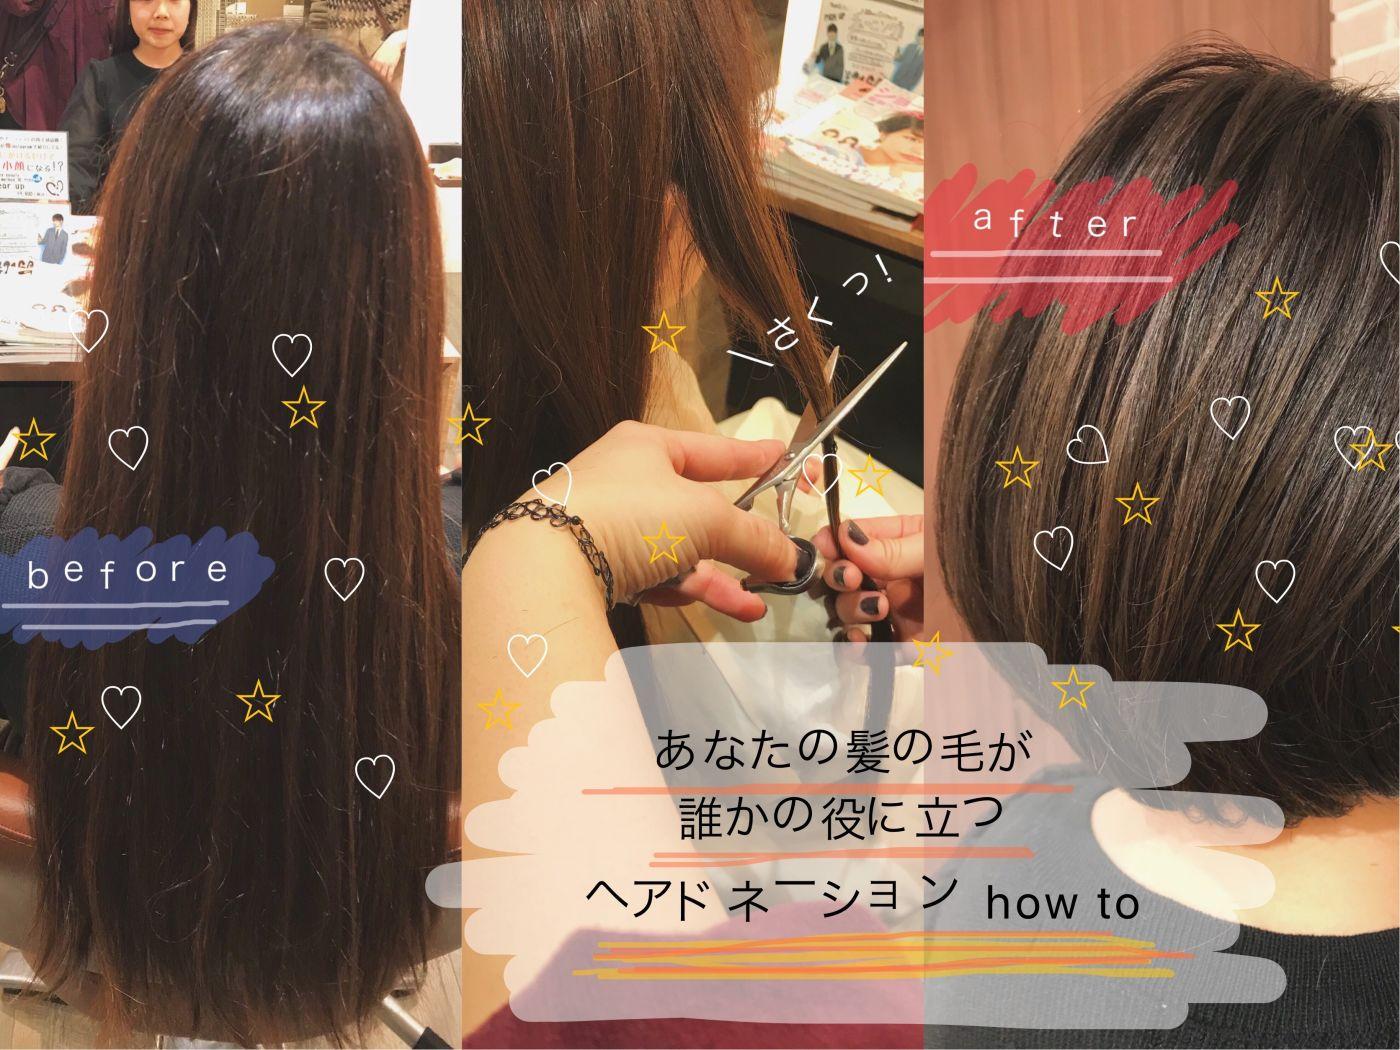 あなたの髪の毛が誰かの役に立つ【ヘアドネーション】とは?やり方・長さを徹底解説!